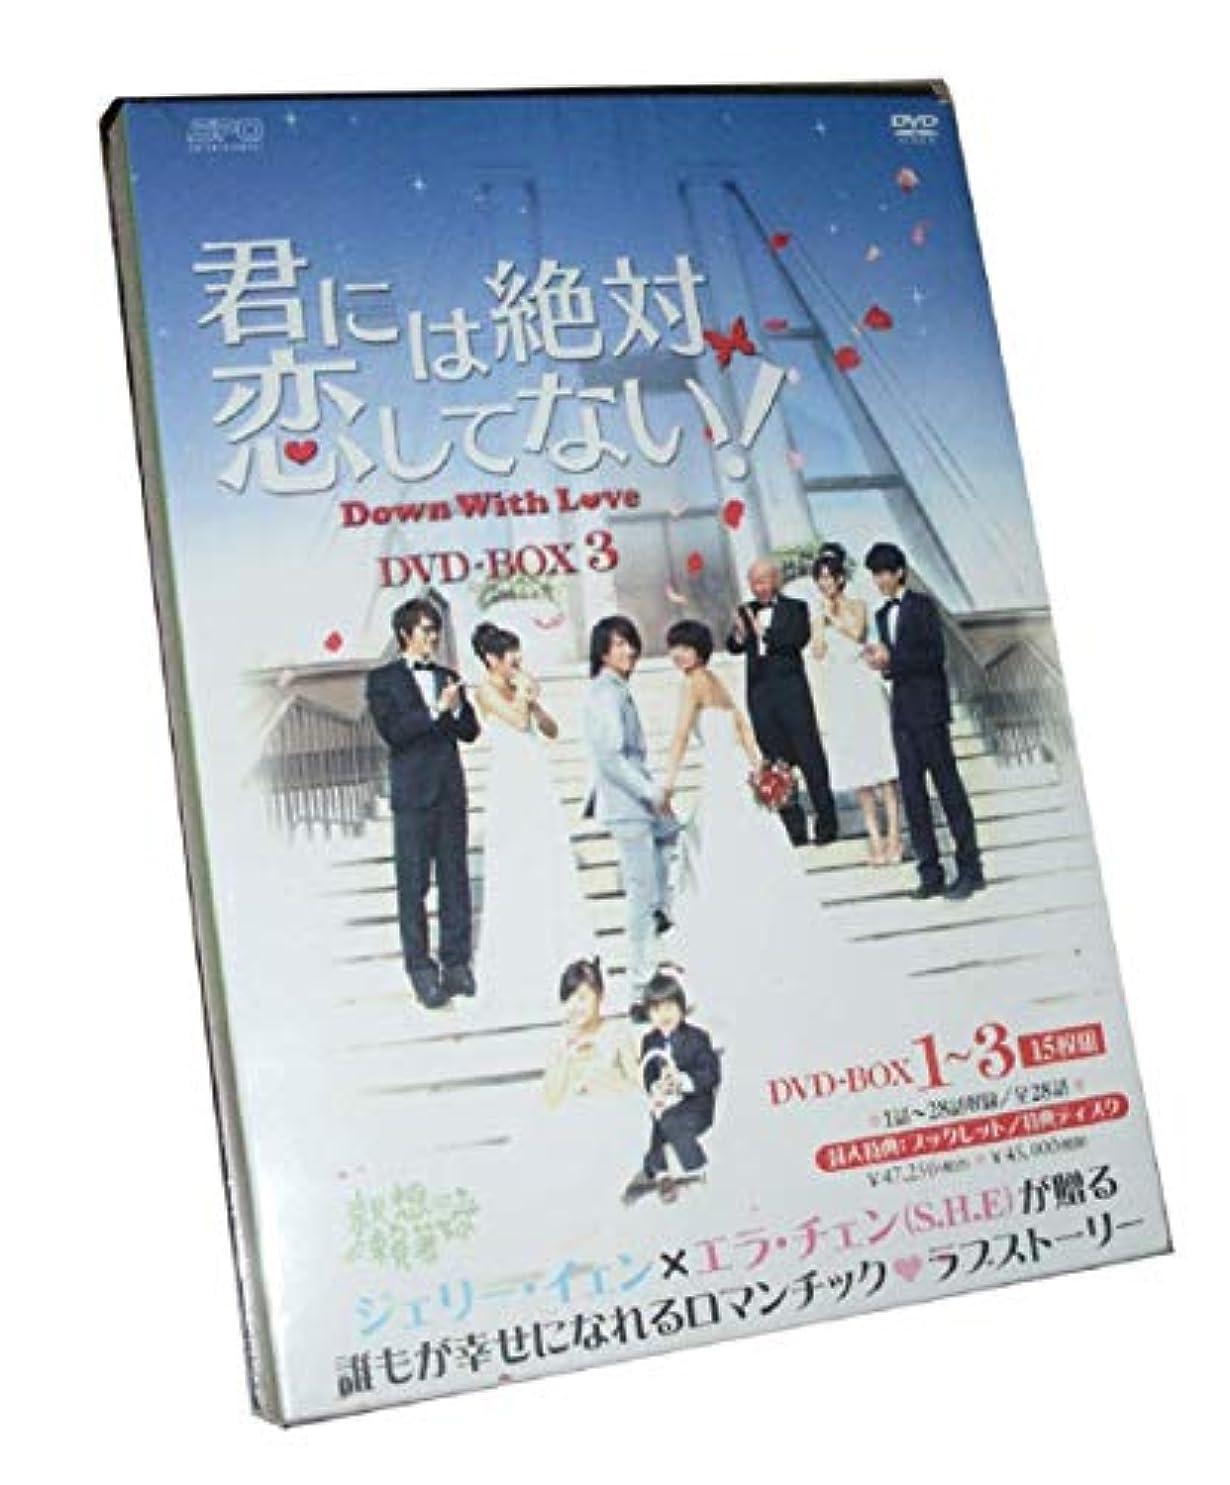 乱れ原子自然君には絶対恋してない!~Down with Love DVD-BOX1-3 28話+特典15枚組